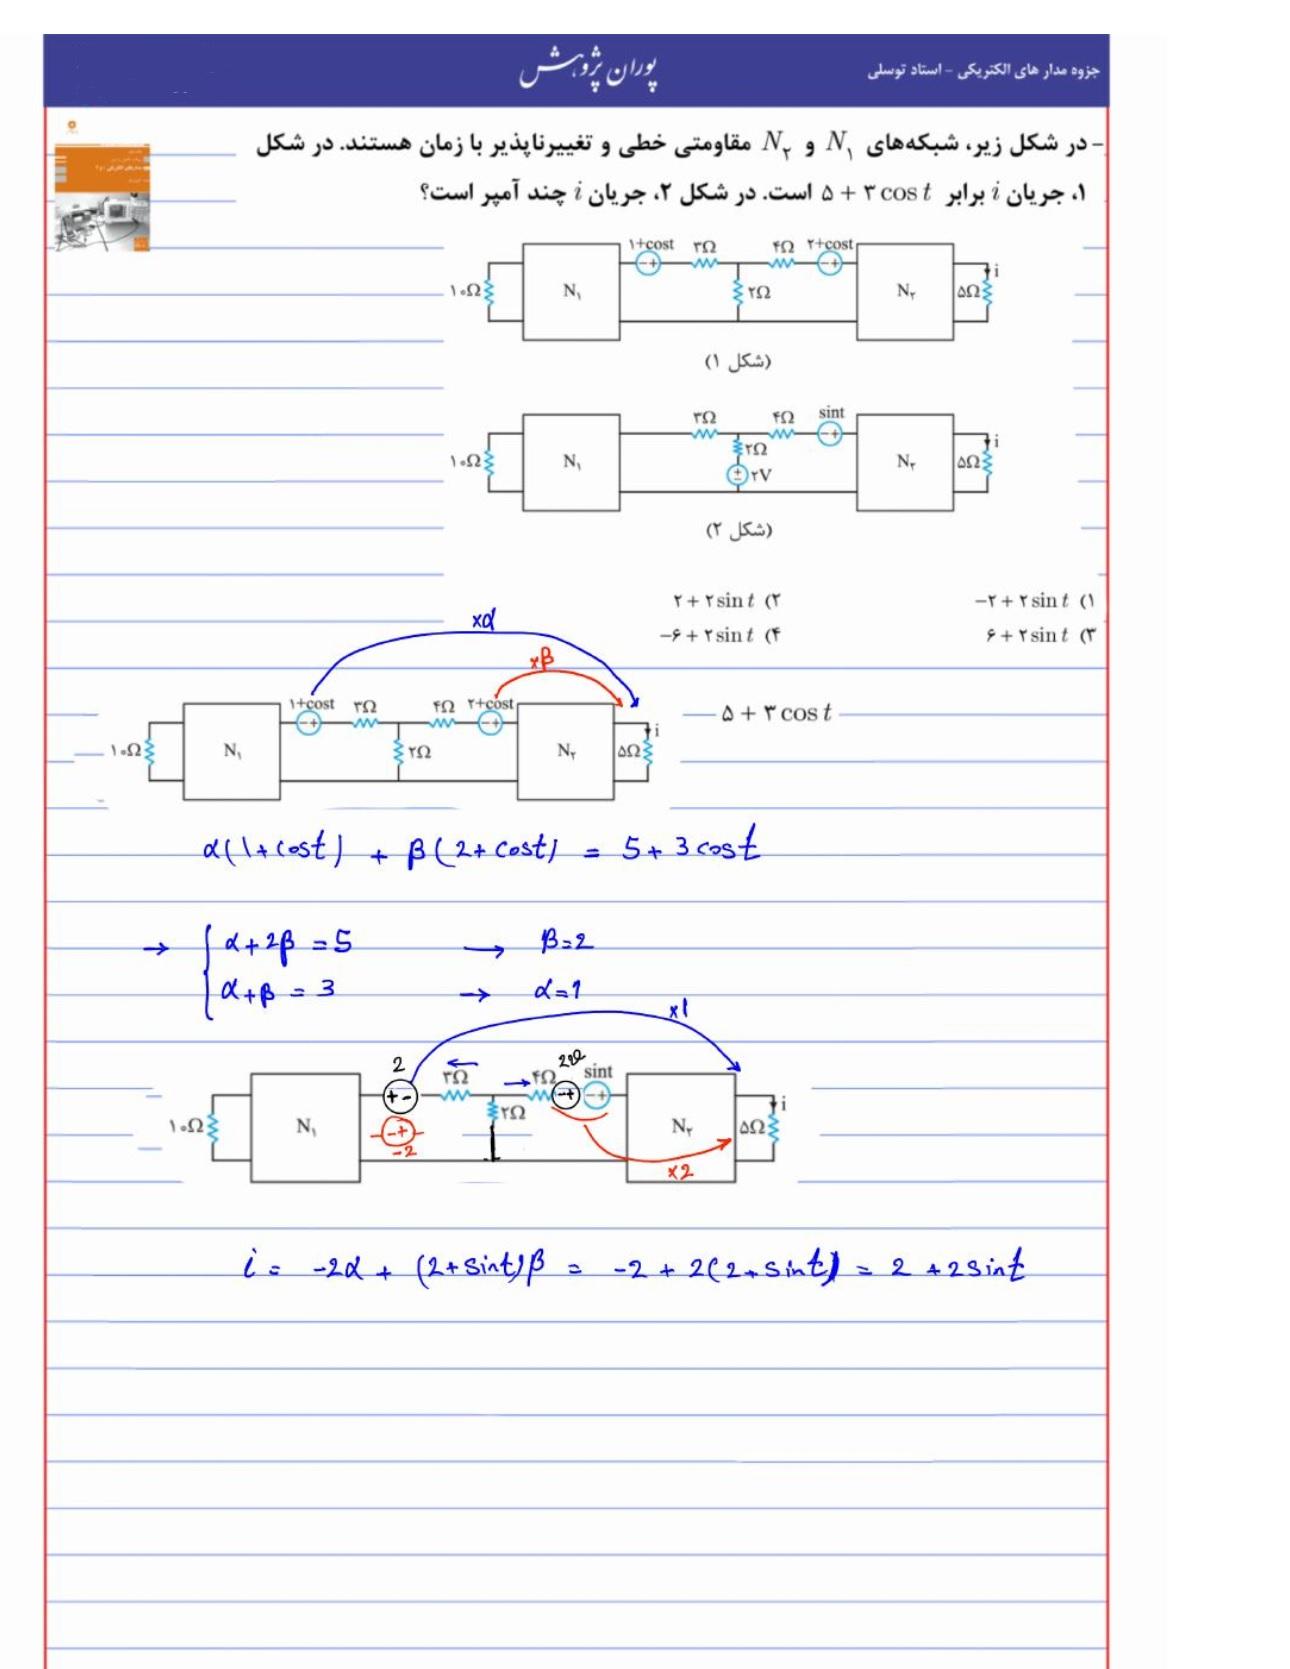 جزوه مدار الکتریکی (1 و 2) توسلی ویژه کنکور ارشد